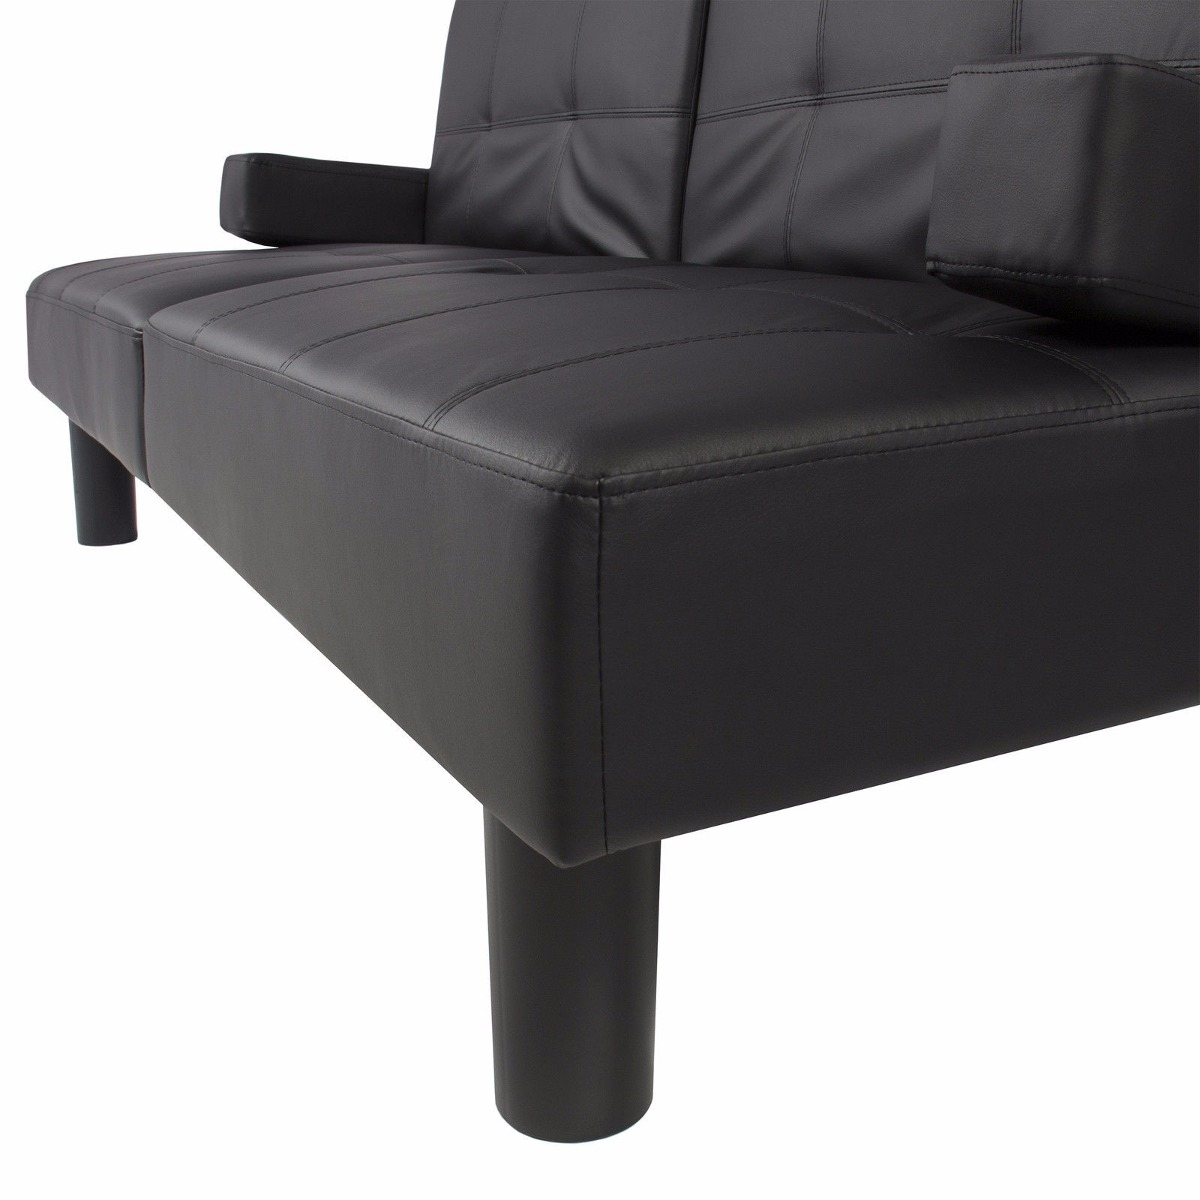 Sof cama imitaci n cuero sill n convertible moderno negro for Sillon cama mercado libre